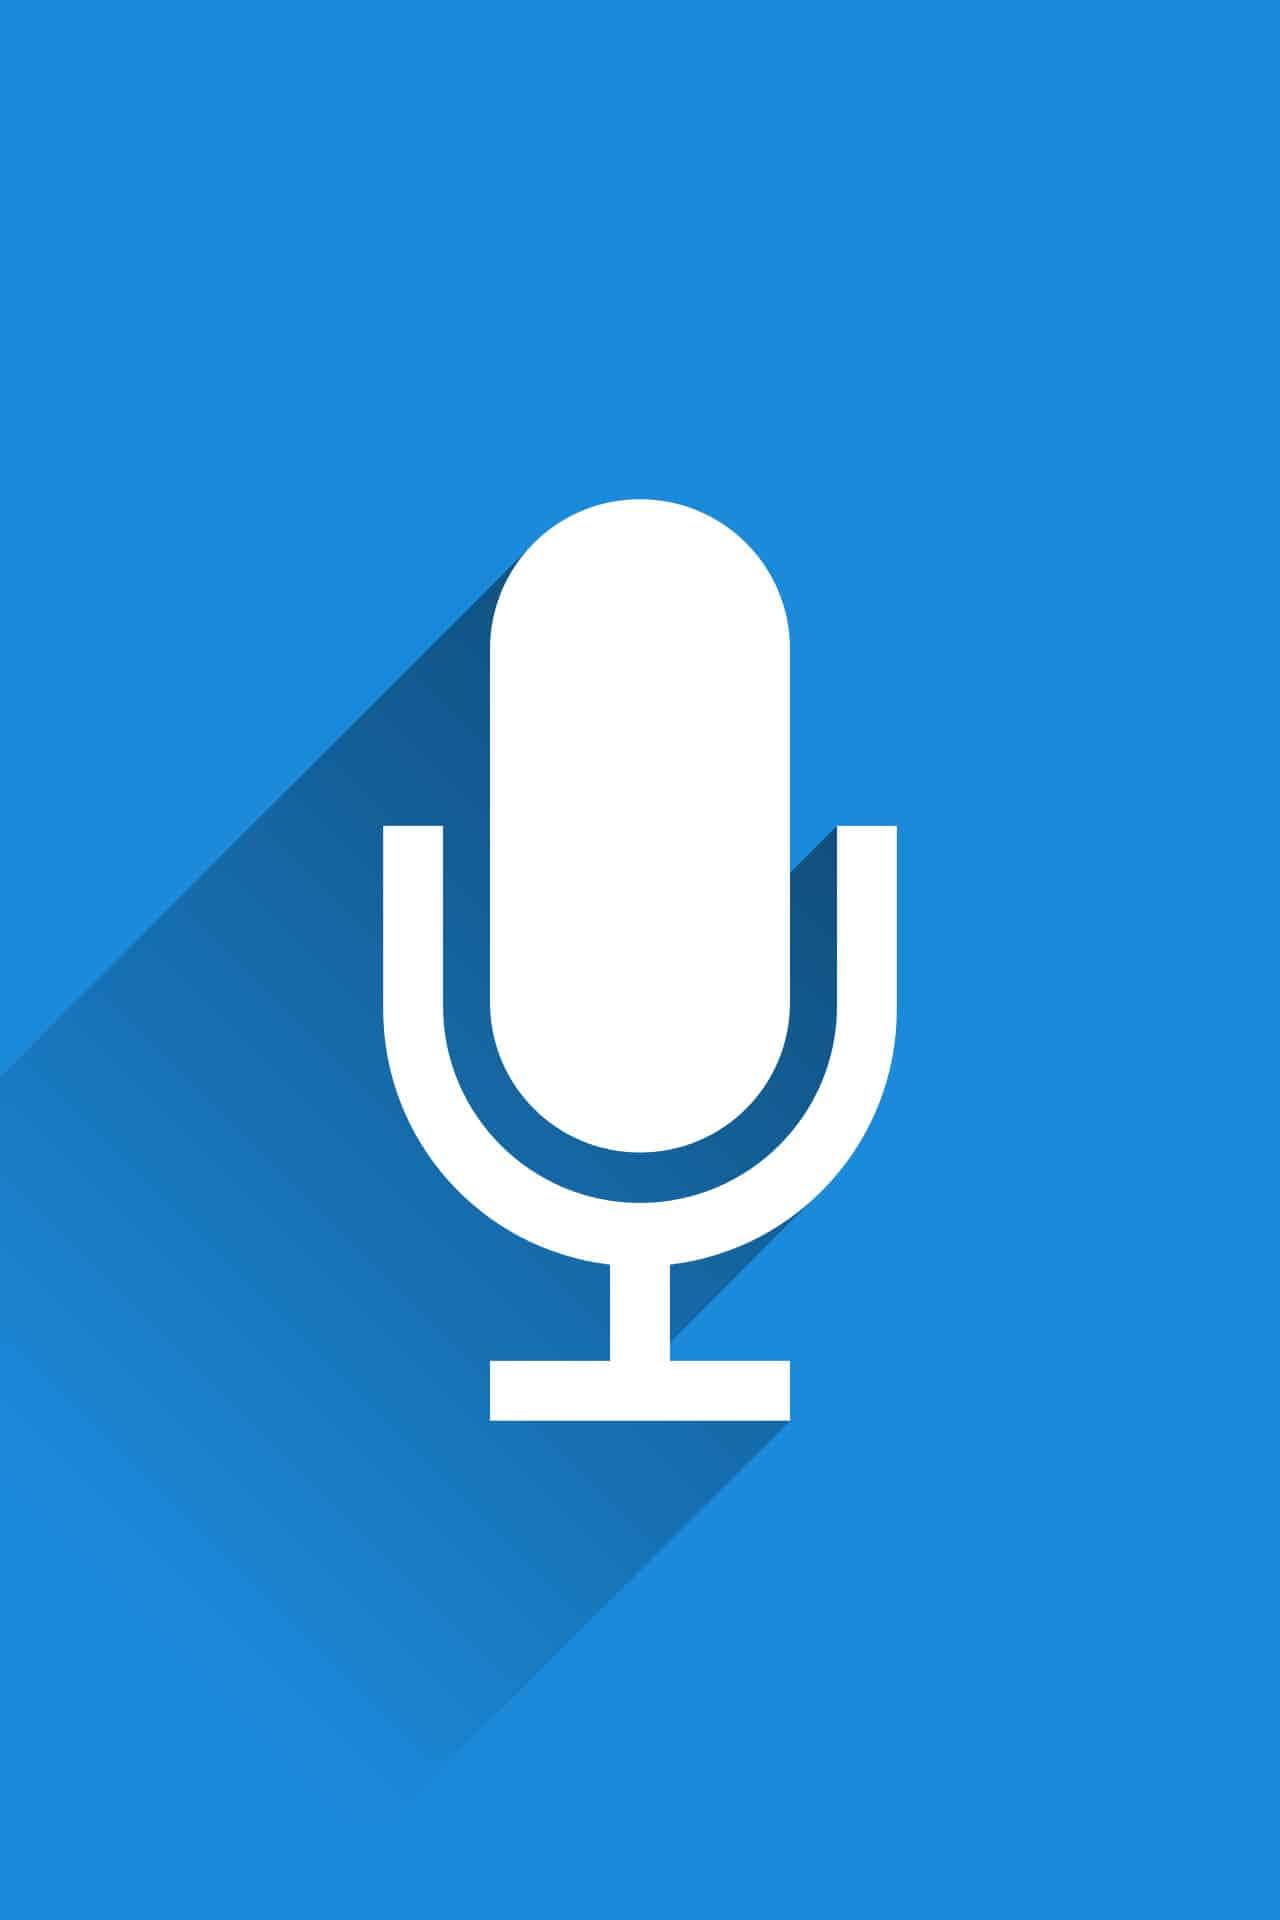 Semrush studio ricerca vocale